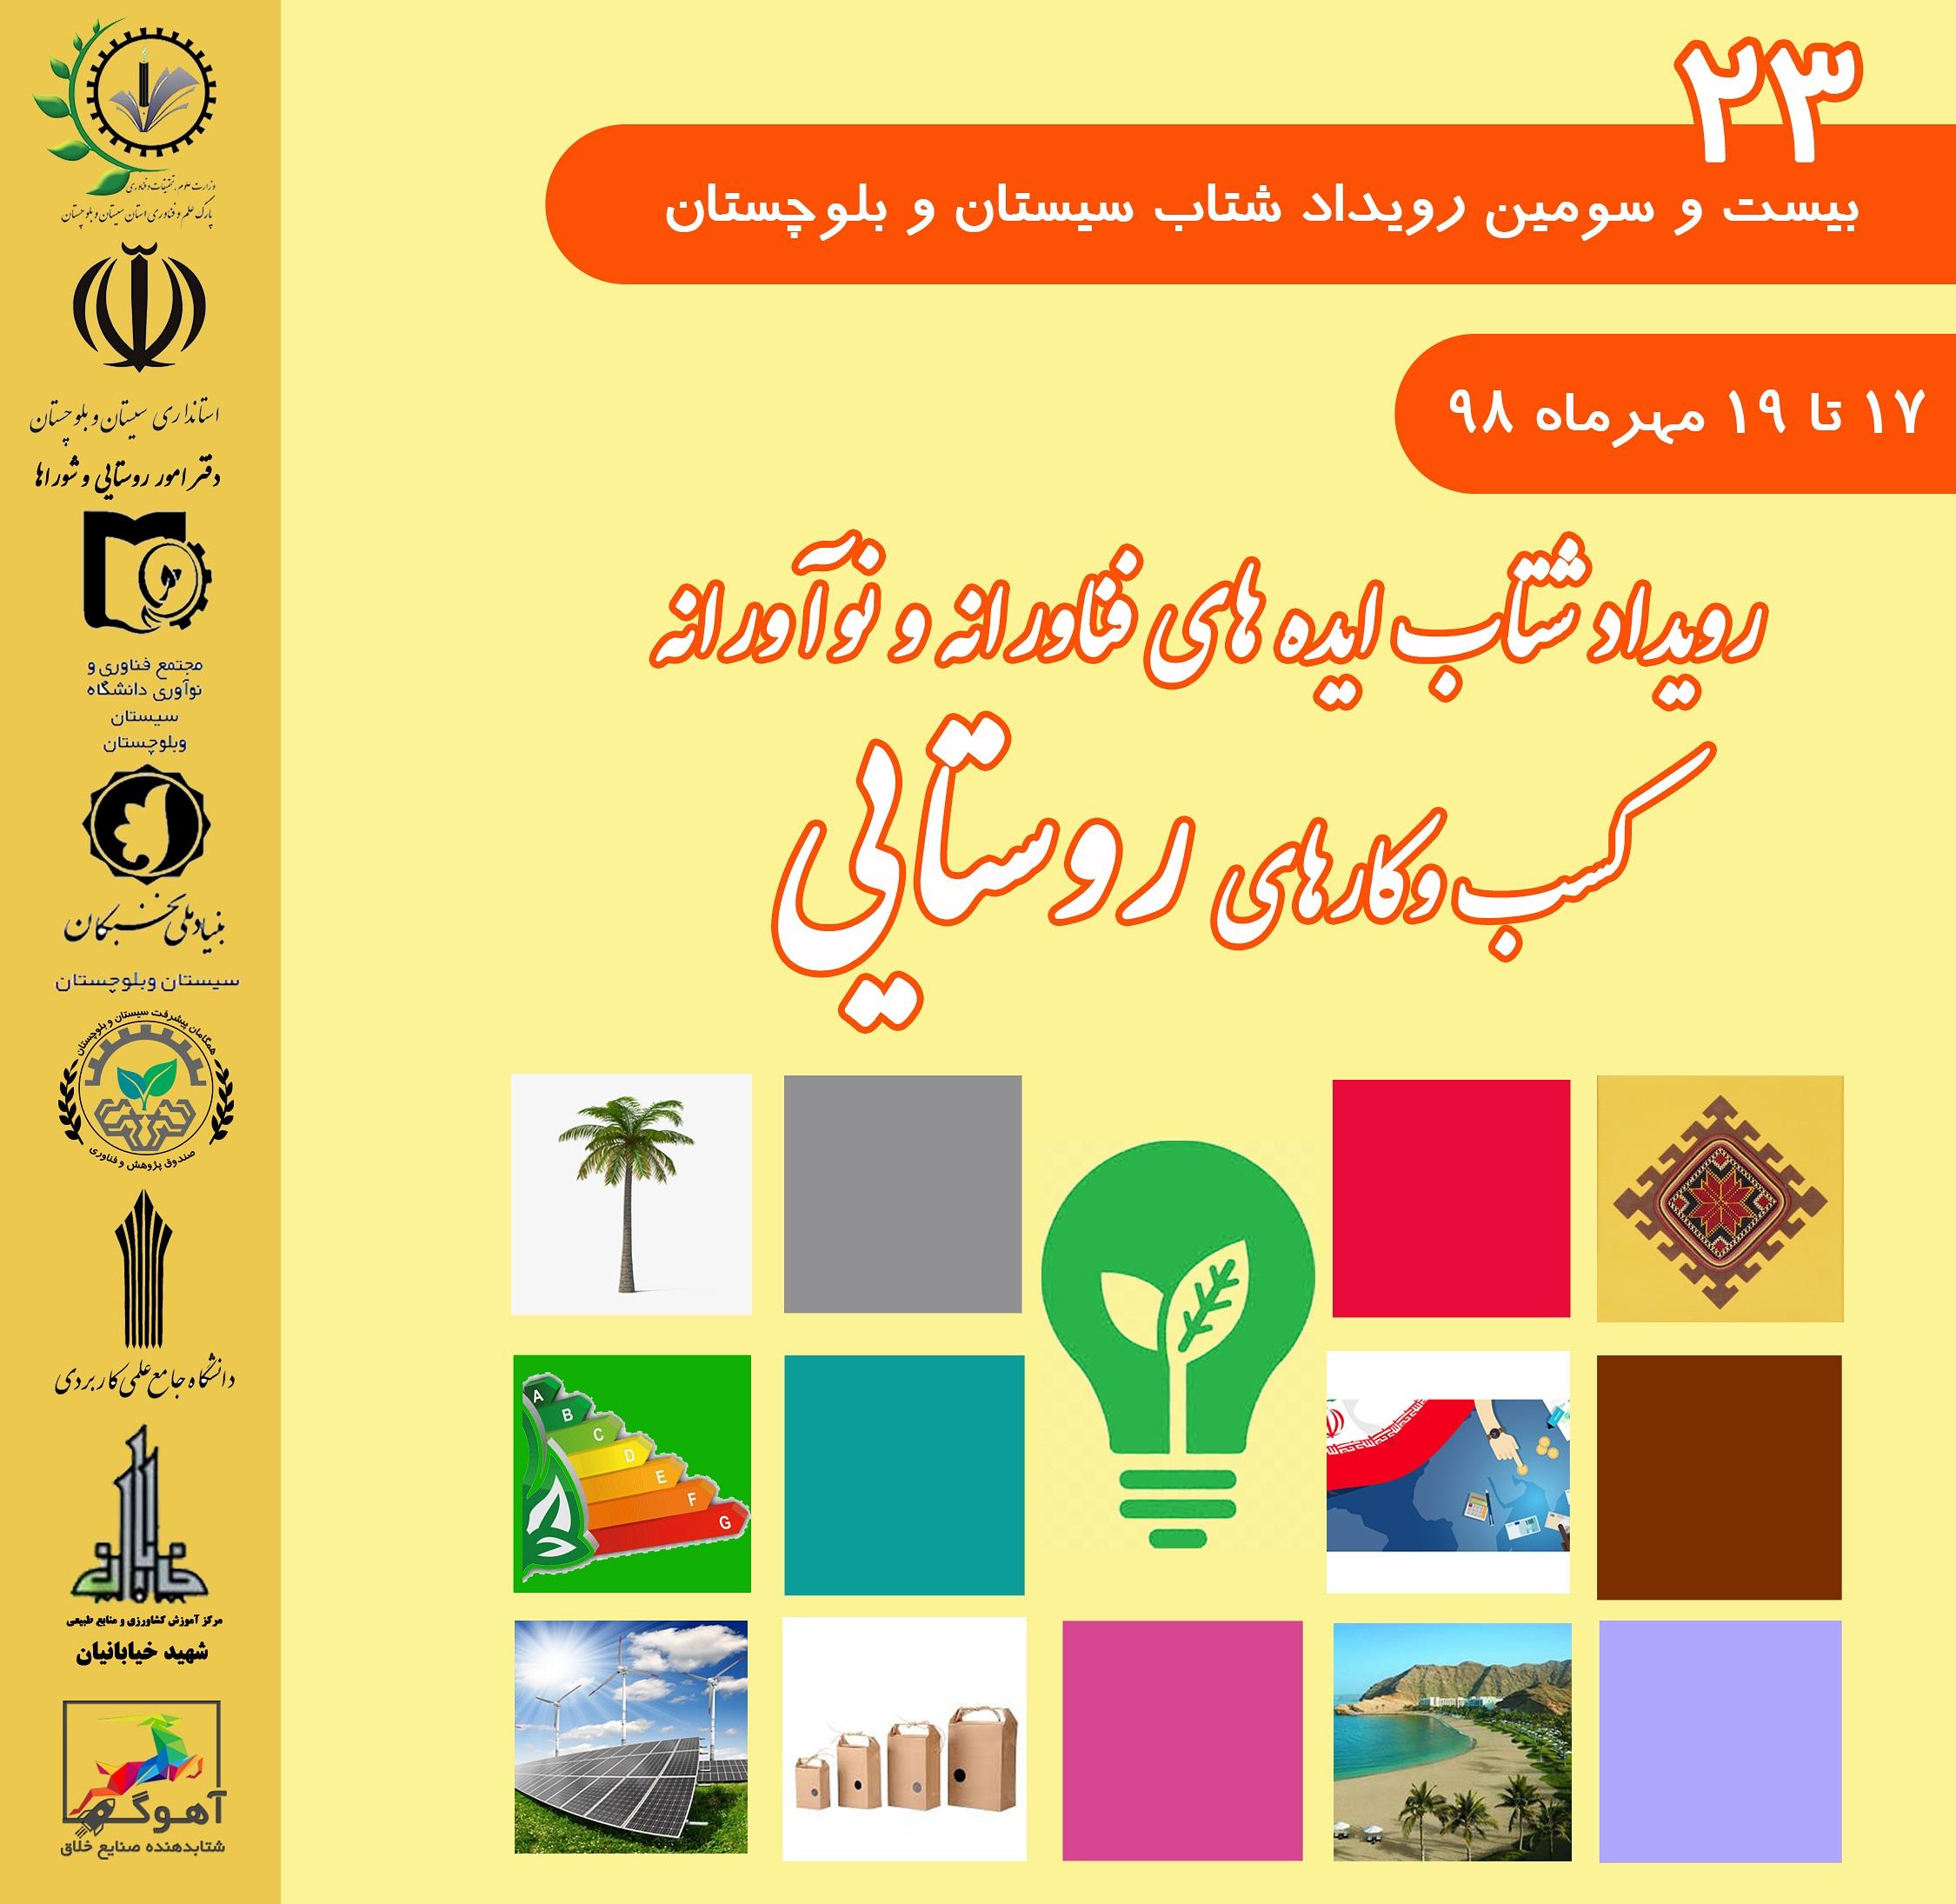 بیست و سومین رویداد شتاب سیستان و بلوچستان